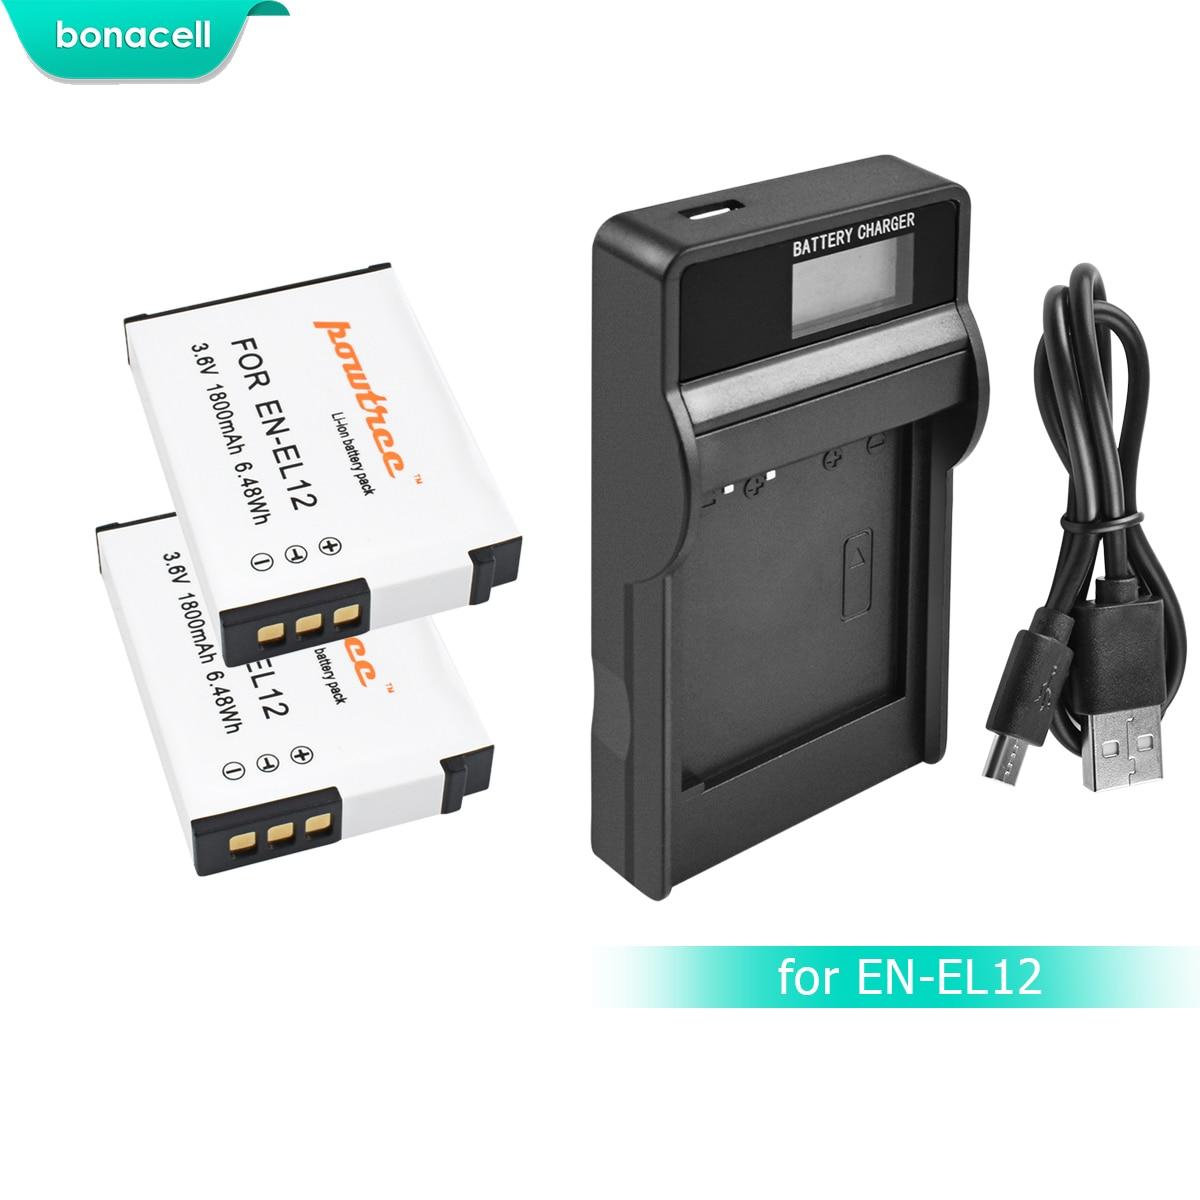 Bonacell 1800mAh EN-EL12 es EL12 batería + LCD Chargerfor Nikon CoolPix S610 S610c S620 S630 S710 P300 P310 P330 S6200 S9400 L15